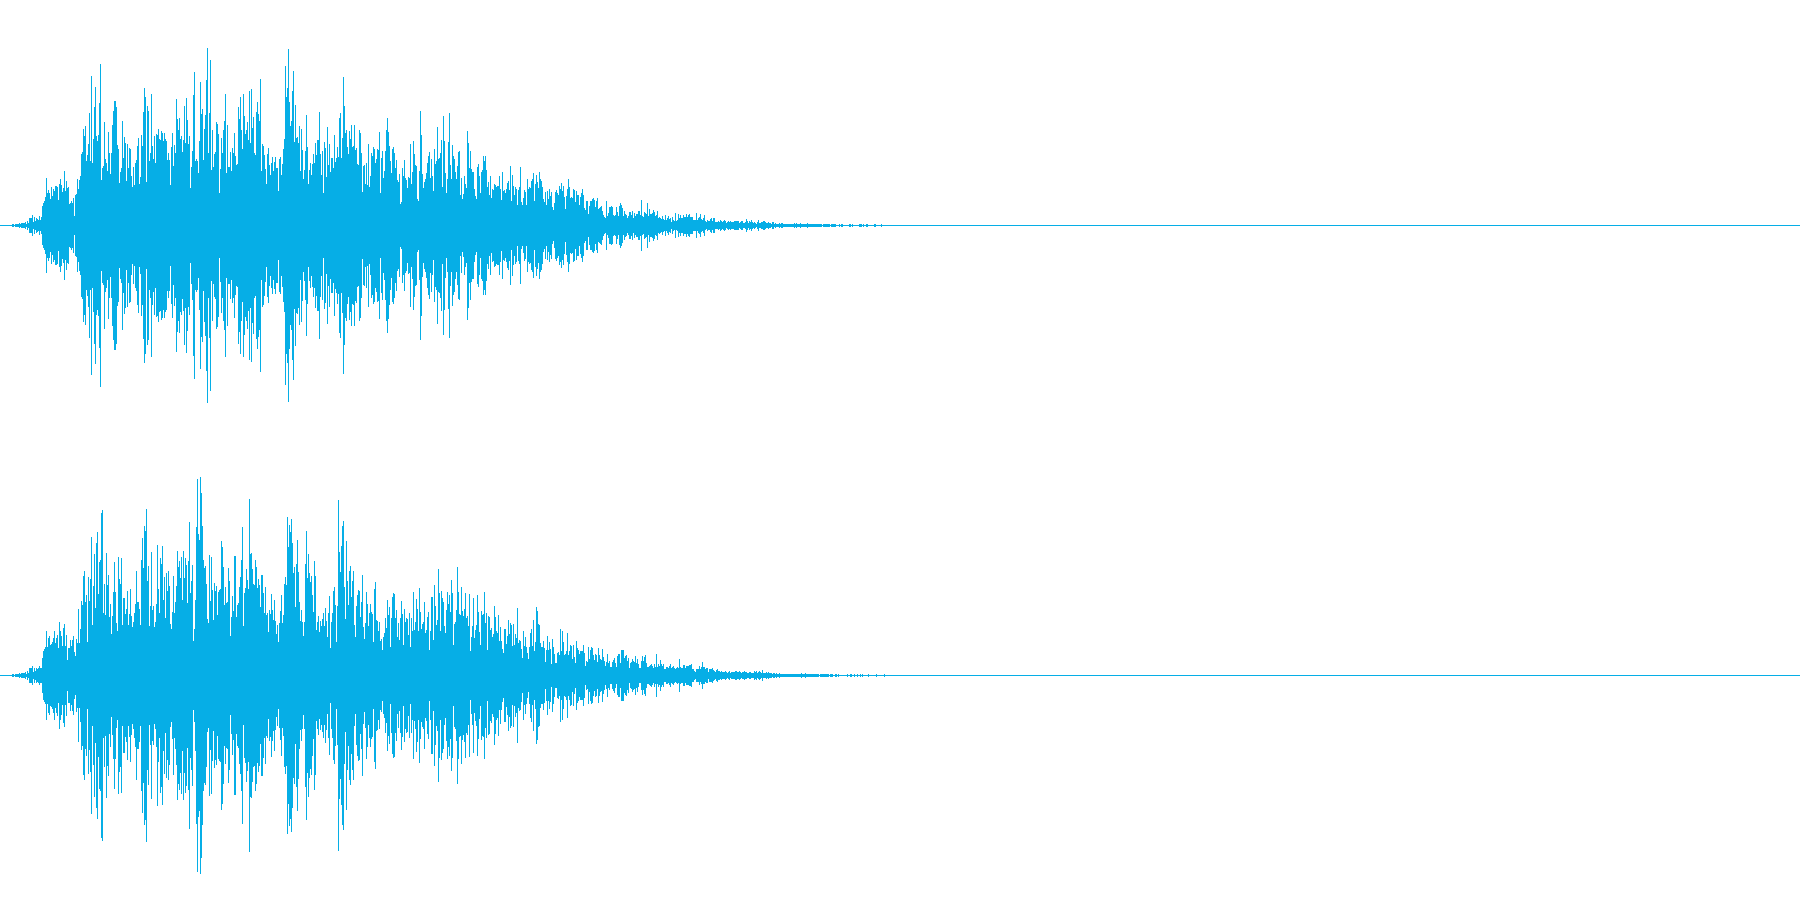 コミカルなダッシュ/ジャンプの効果音01の再生済みの波形